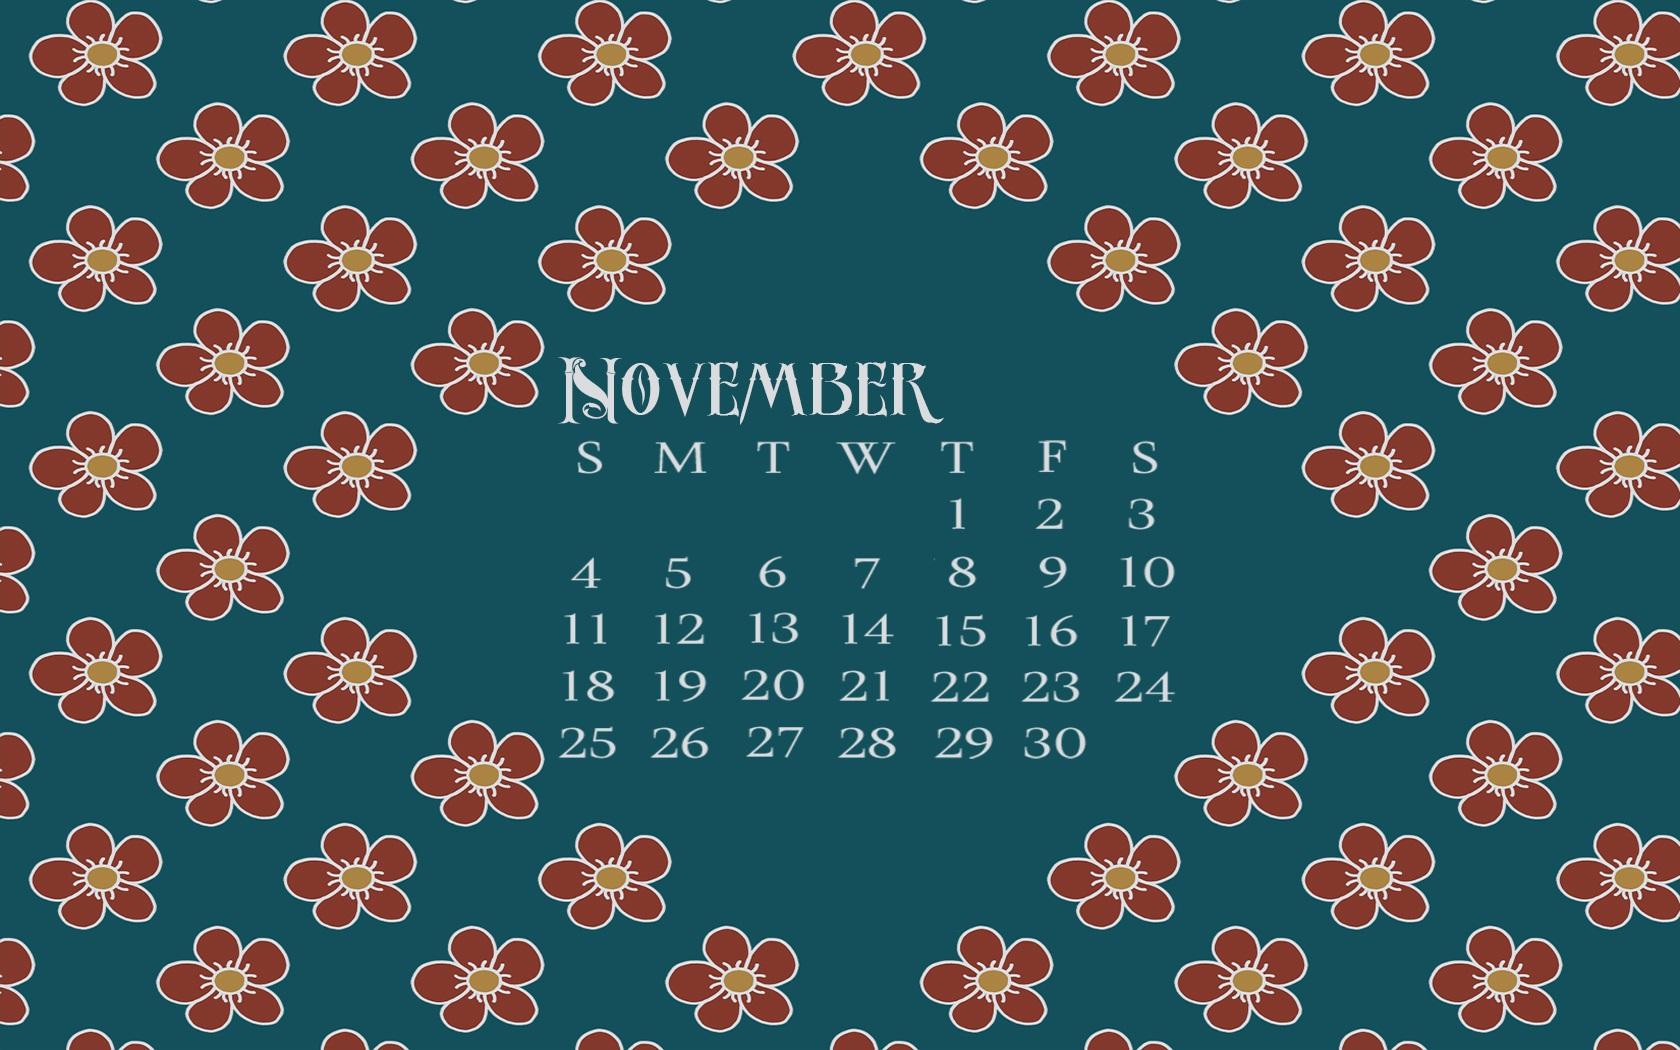 November 2018 Desktop Floral Calendar